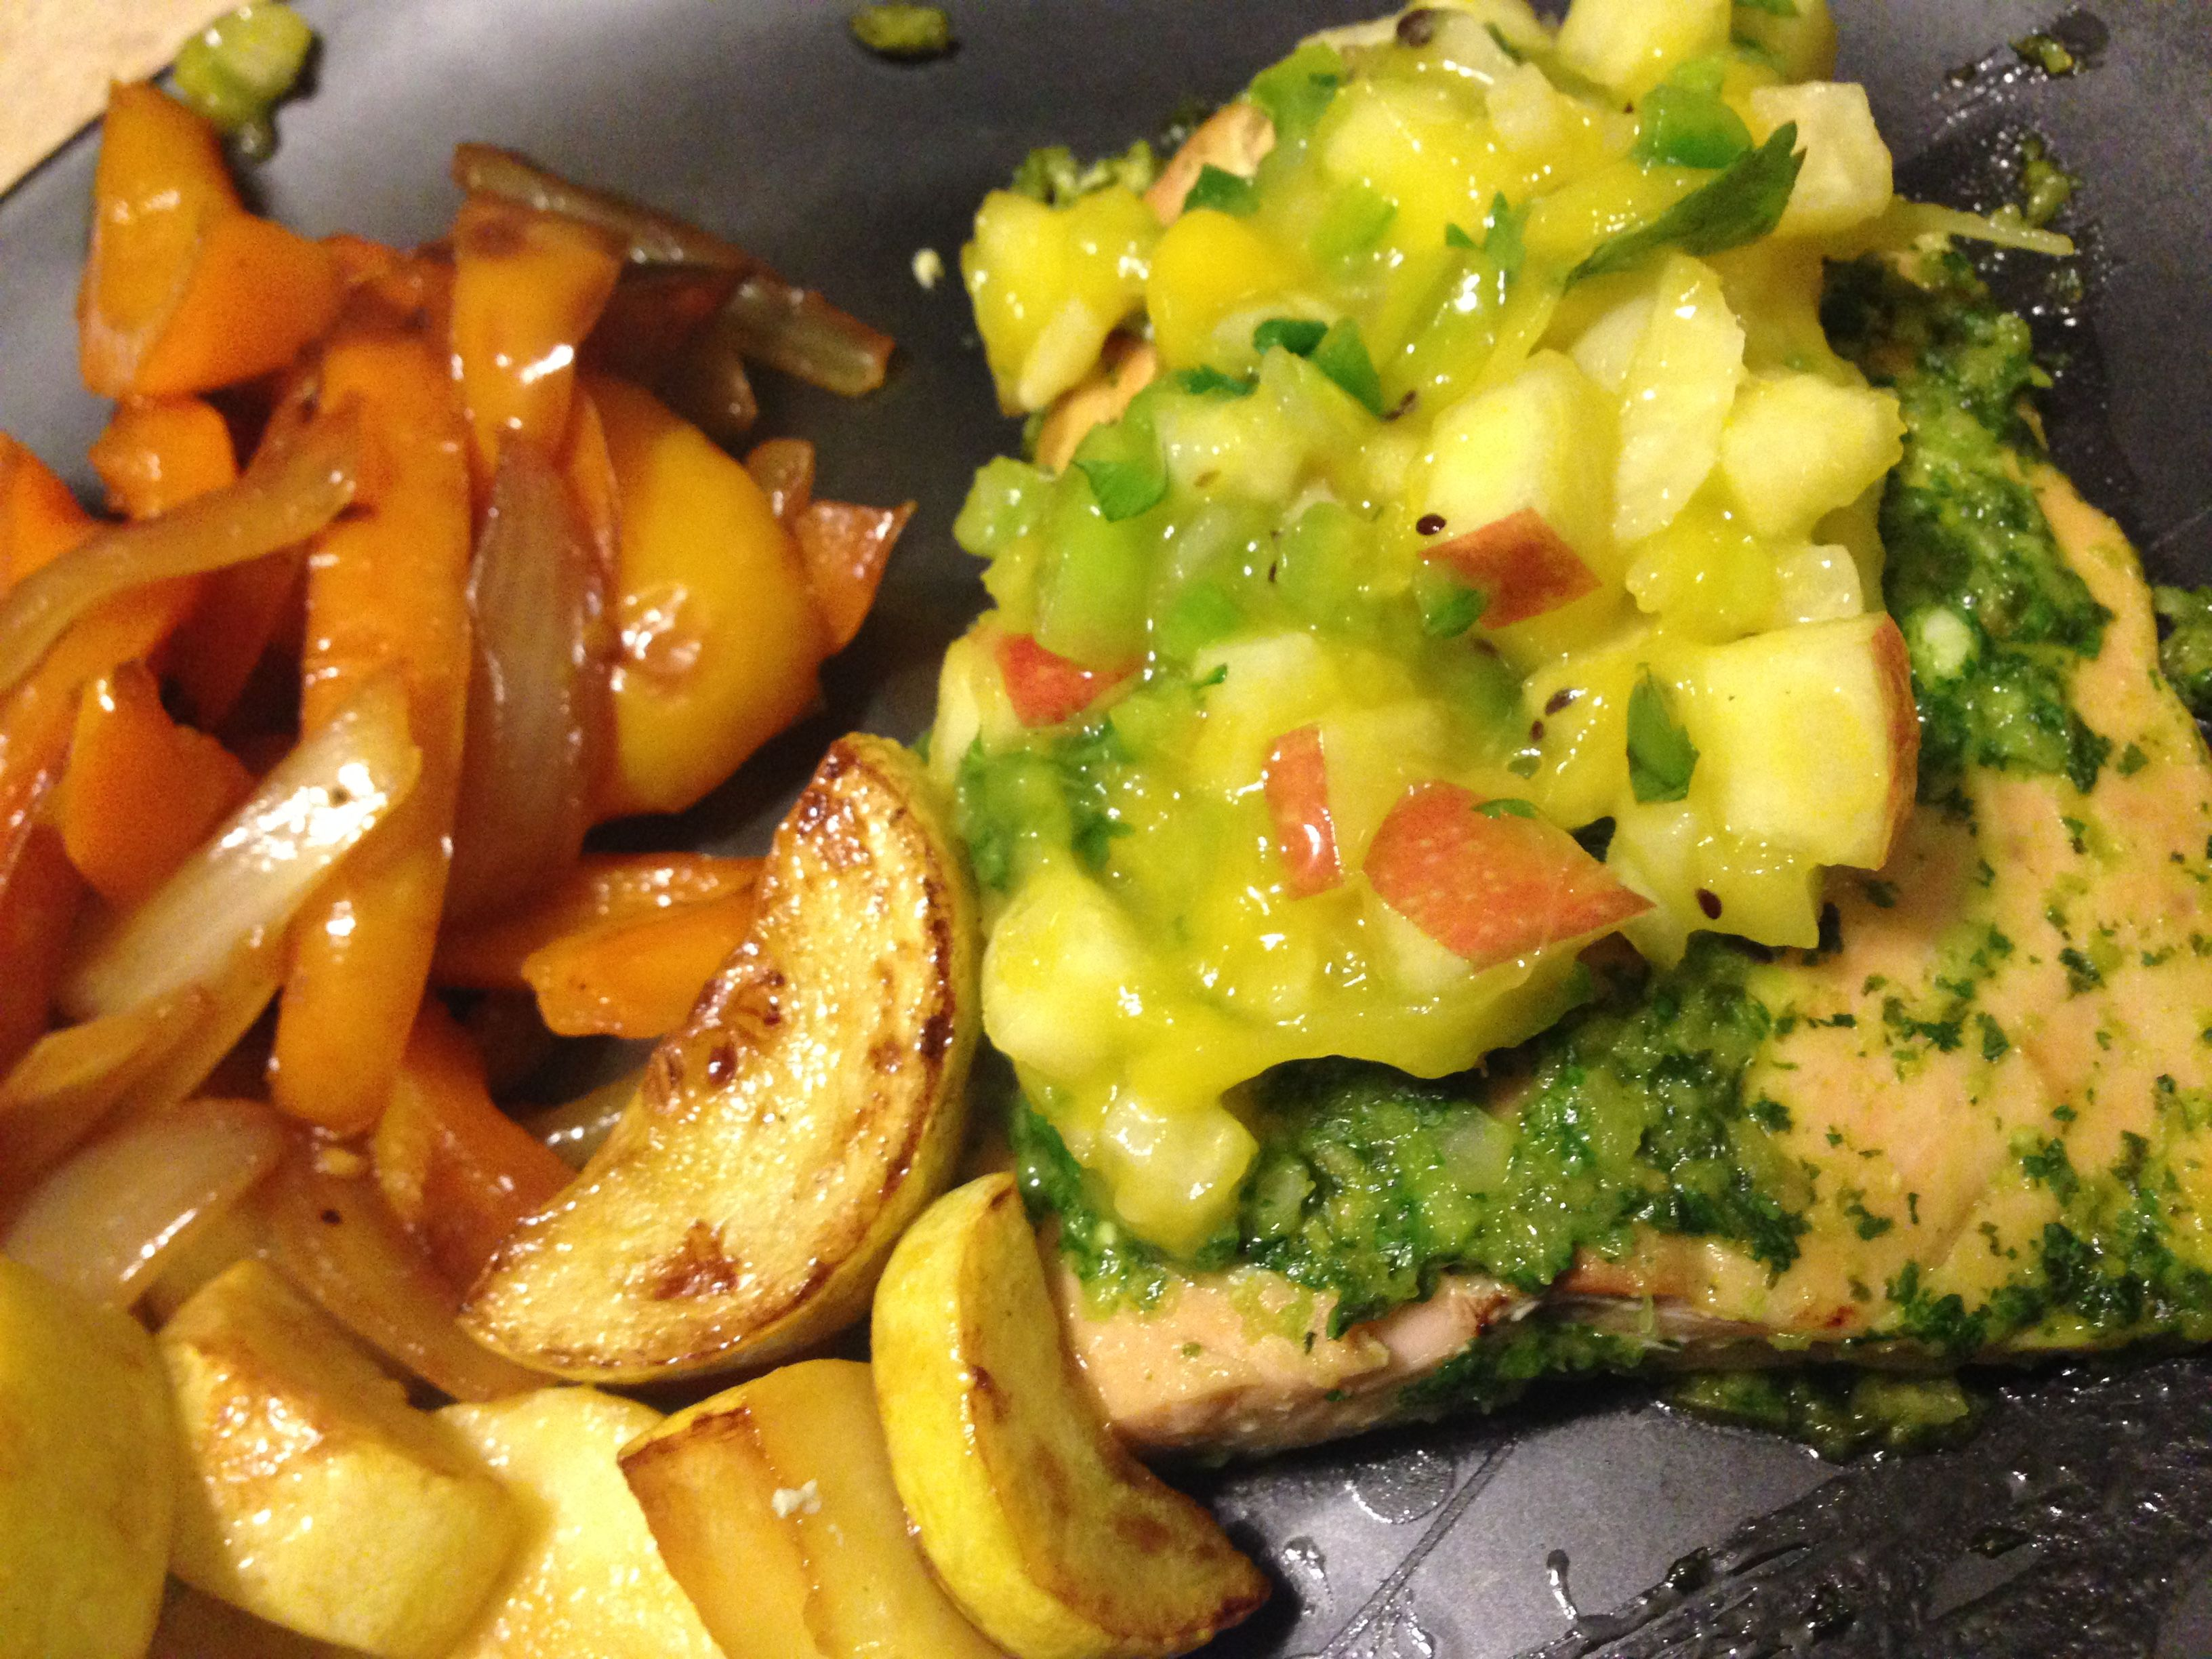 Cilantro lime salmon. Whole30